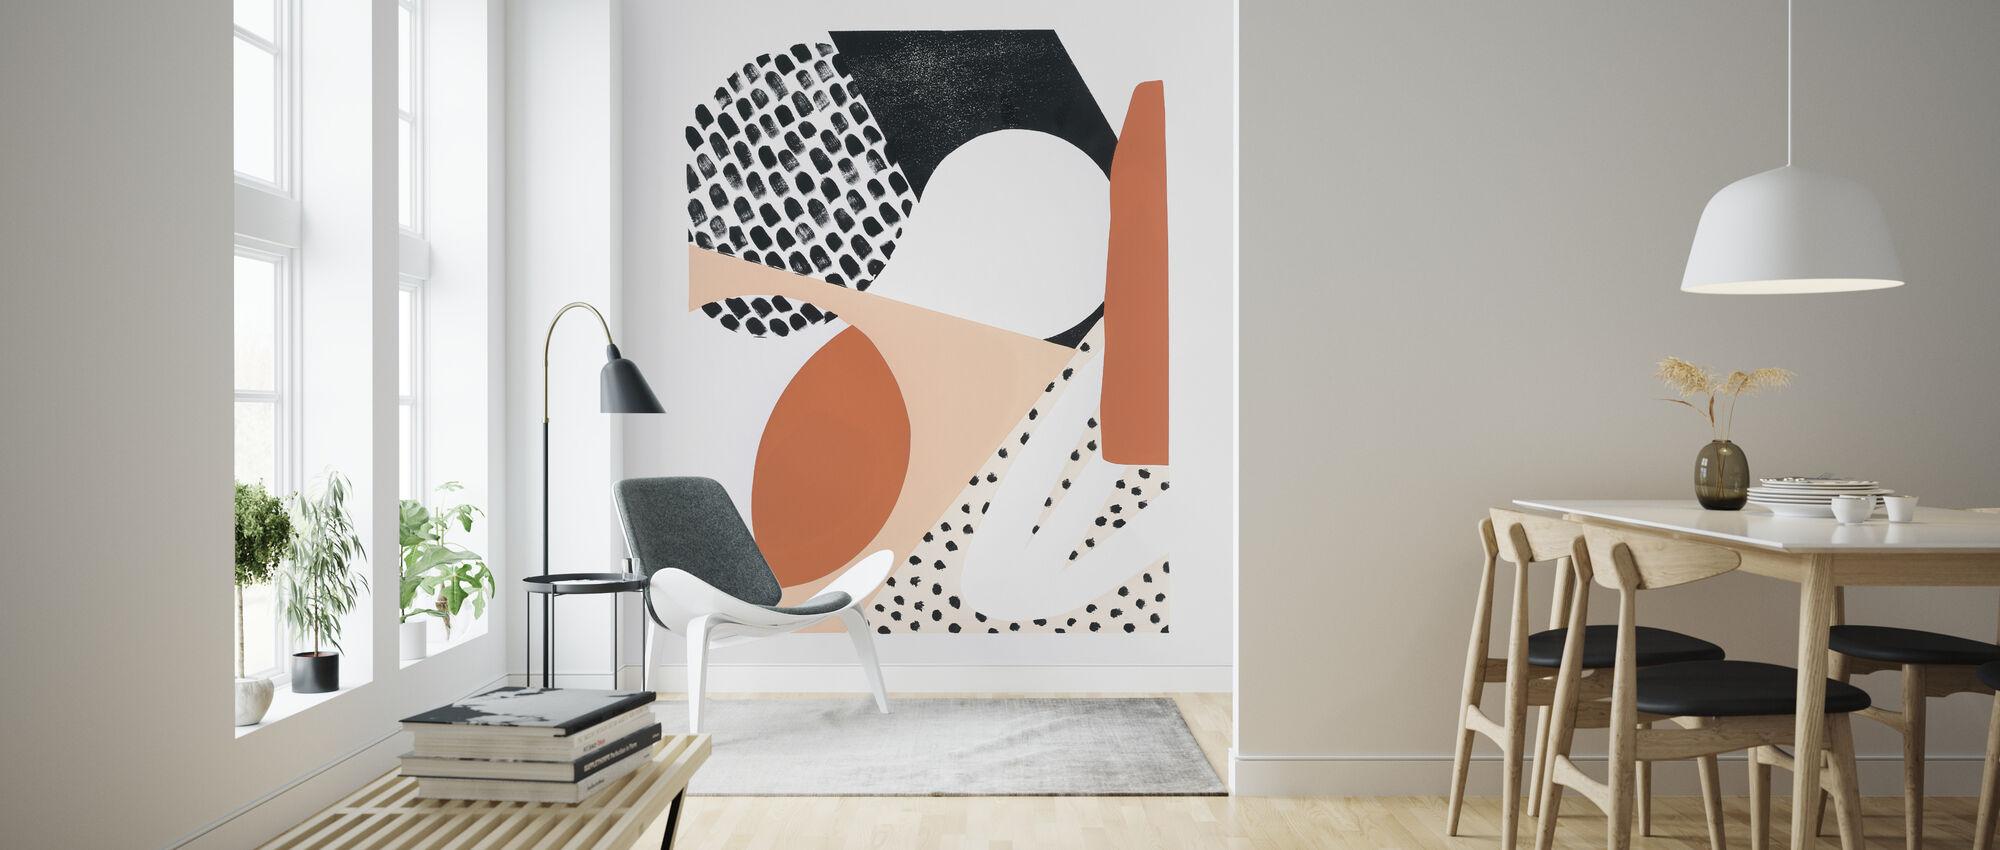 Luminous Tumble I - Wallpaper - Living Room